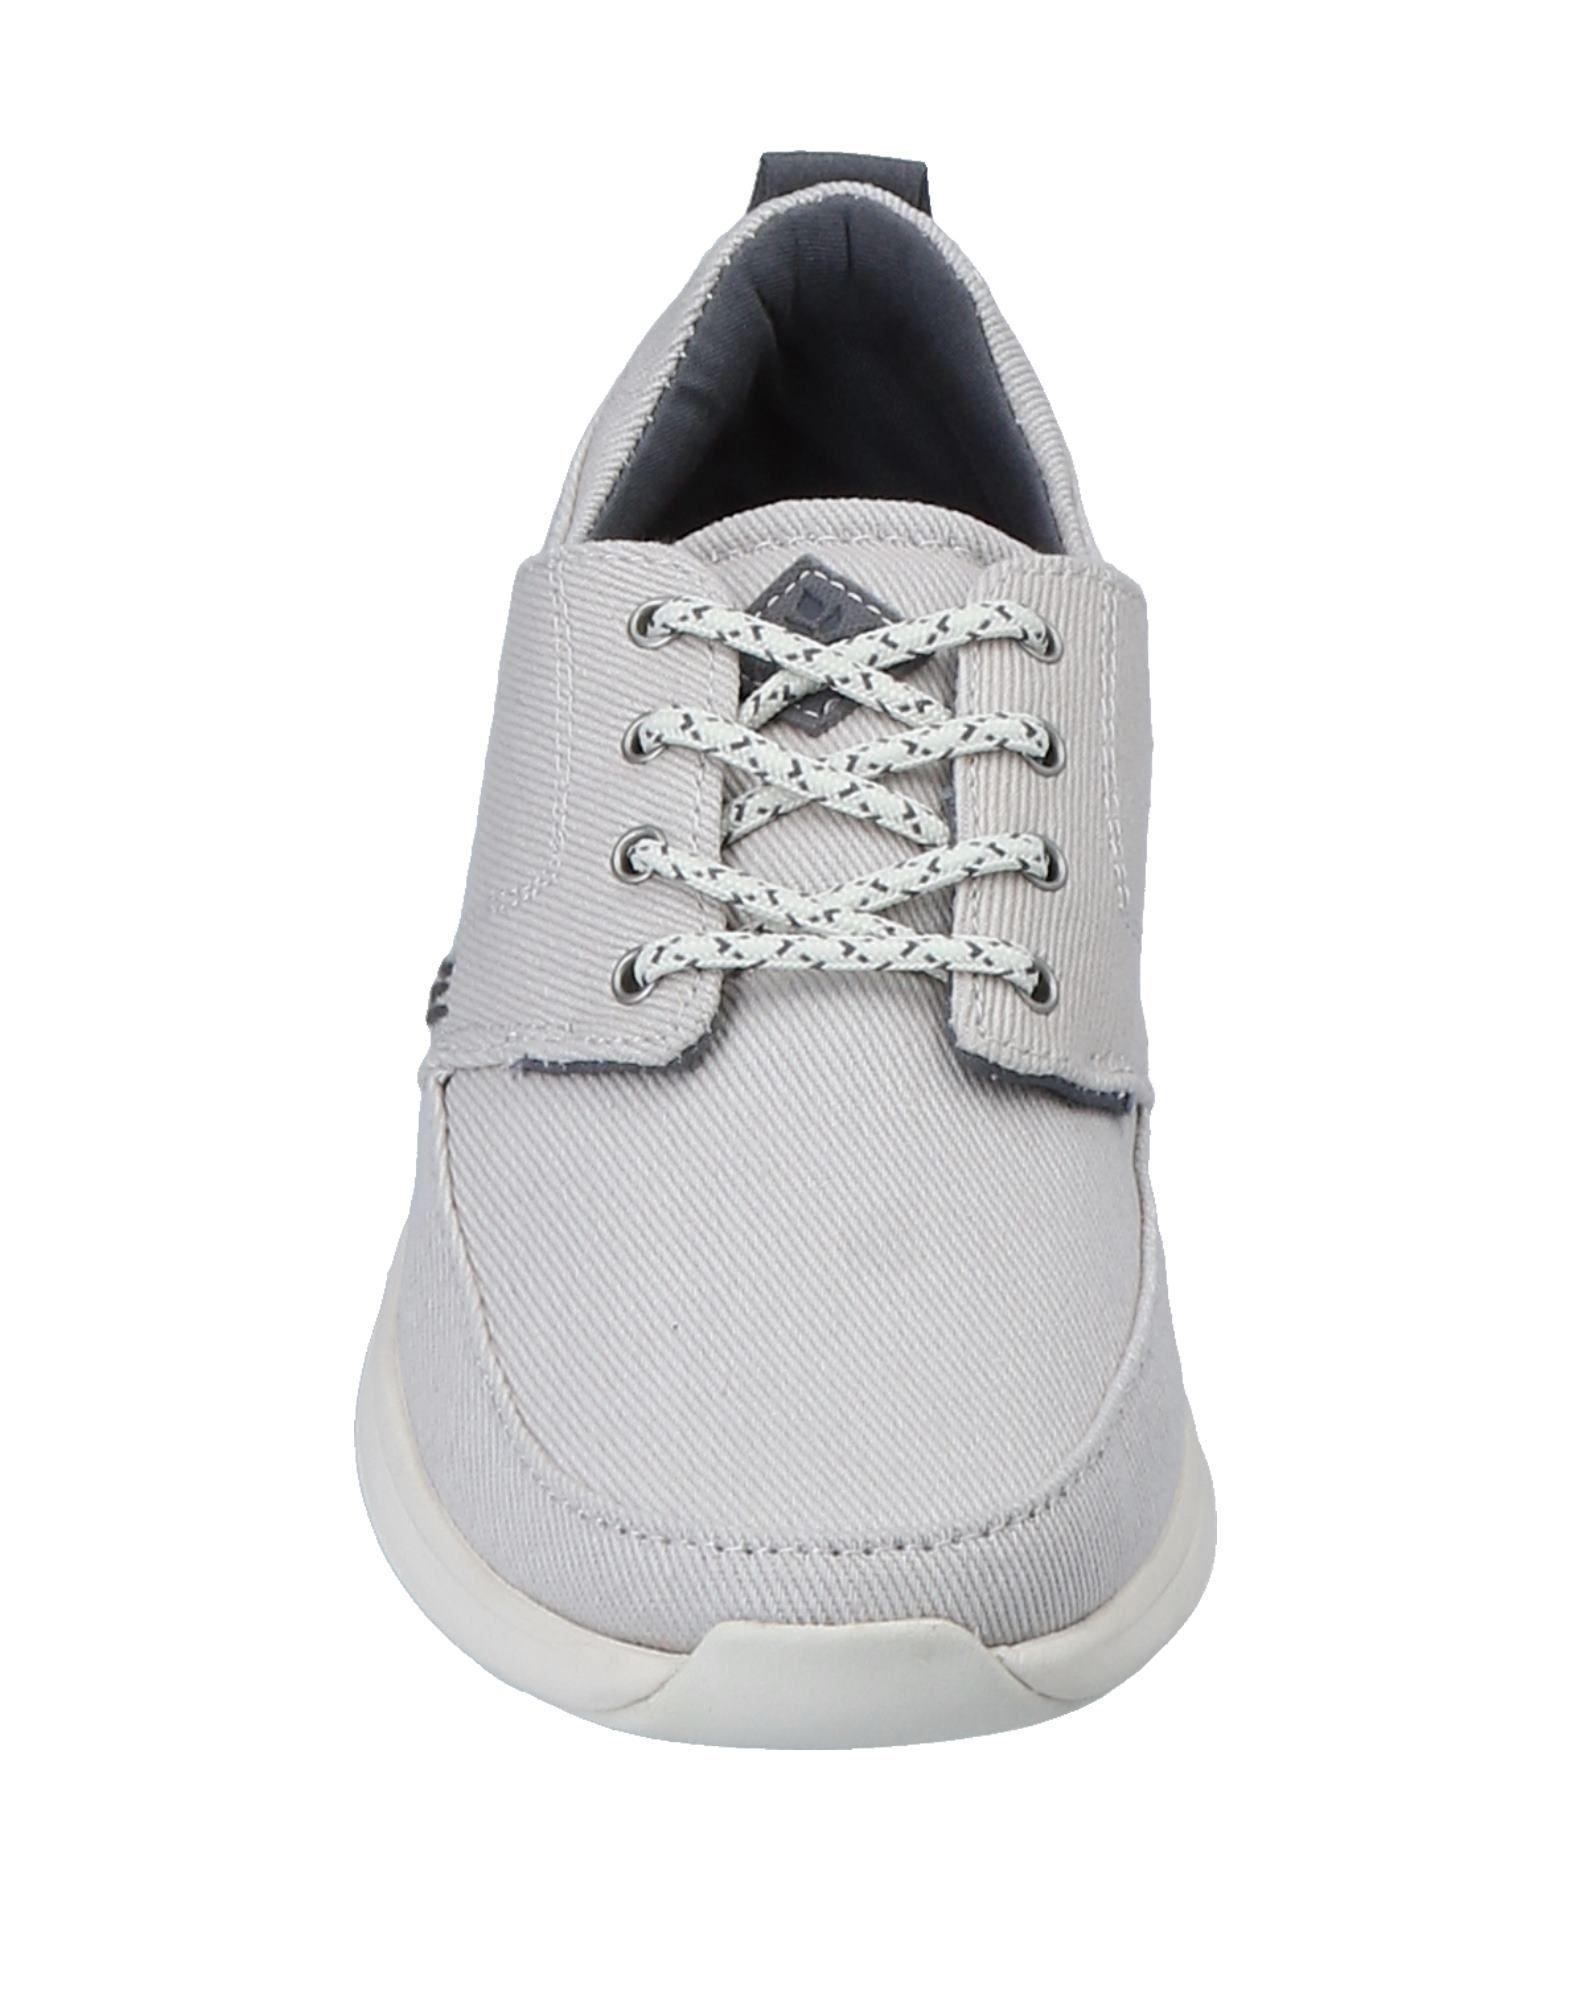 Reef Schuhe Sneakers Damen  11557418DU Gute Qualität beliebte Schuhe Reef d27915